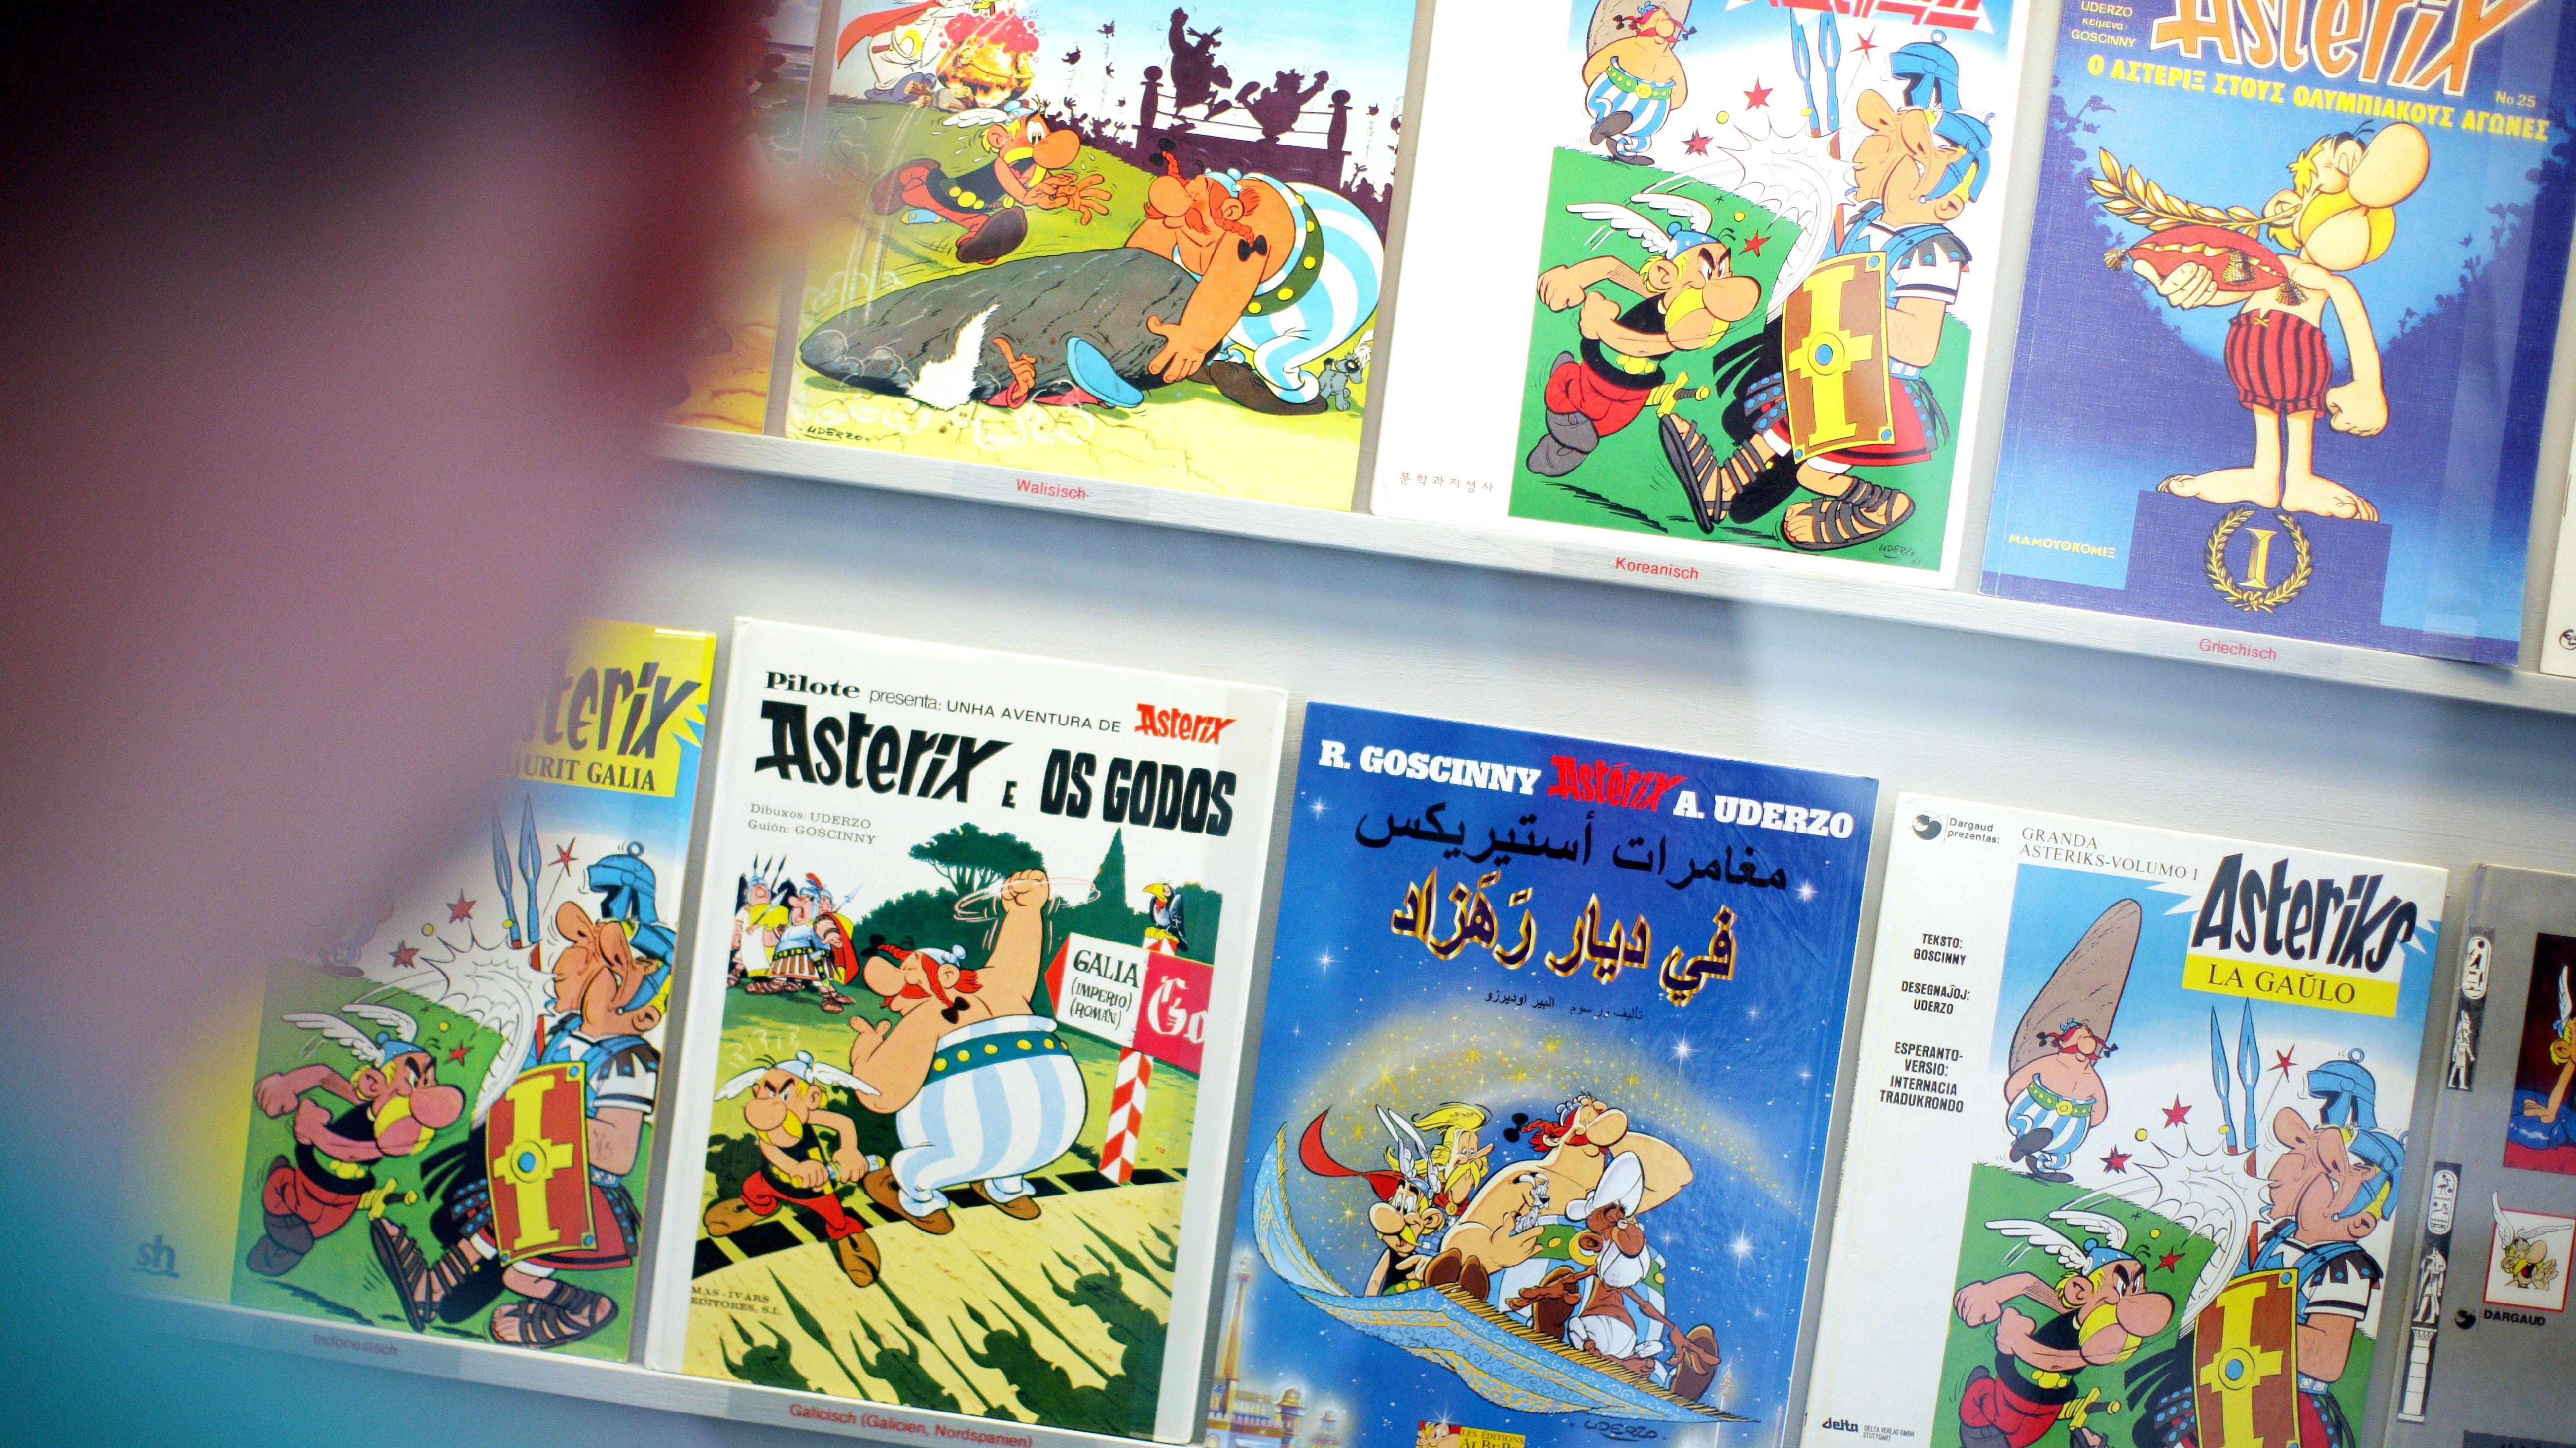 Ein Mensch steht vor einem Regal, in dem Asterix-Comics in verschiedenen Sprachen stehen.